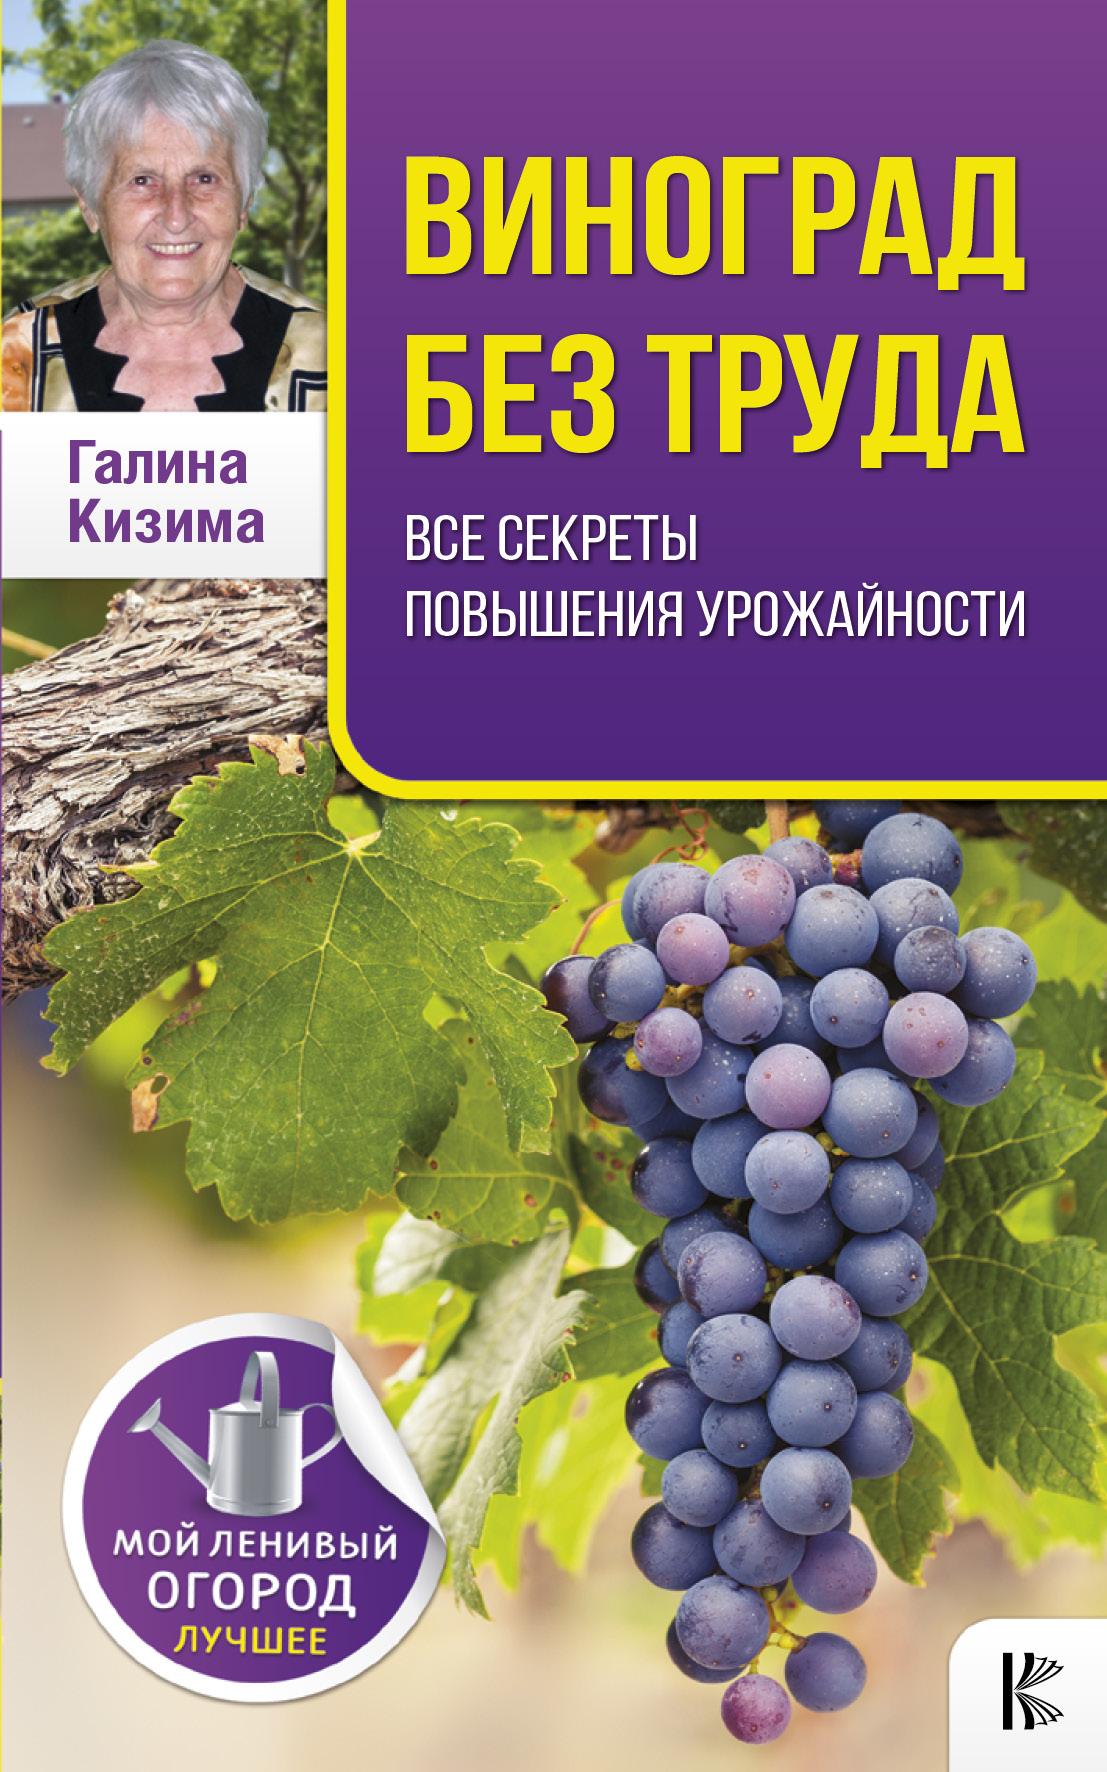 Виноград без труда. Все секреты повышения урожайности ( Кизима Г.А.  )